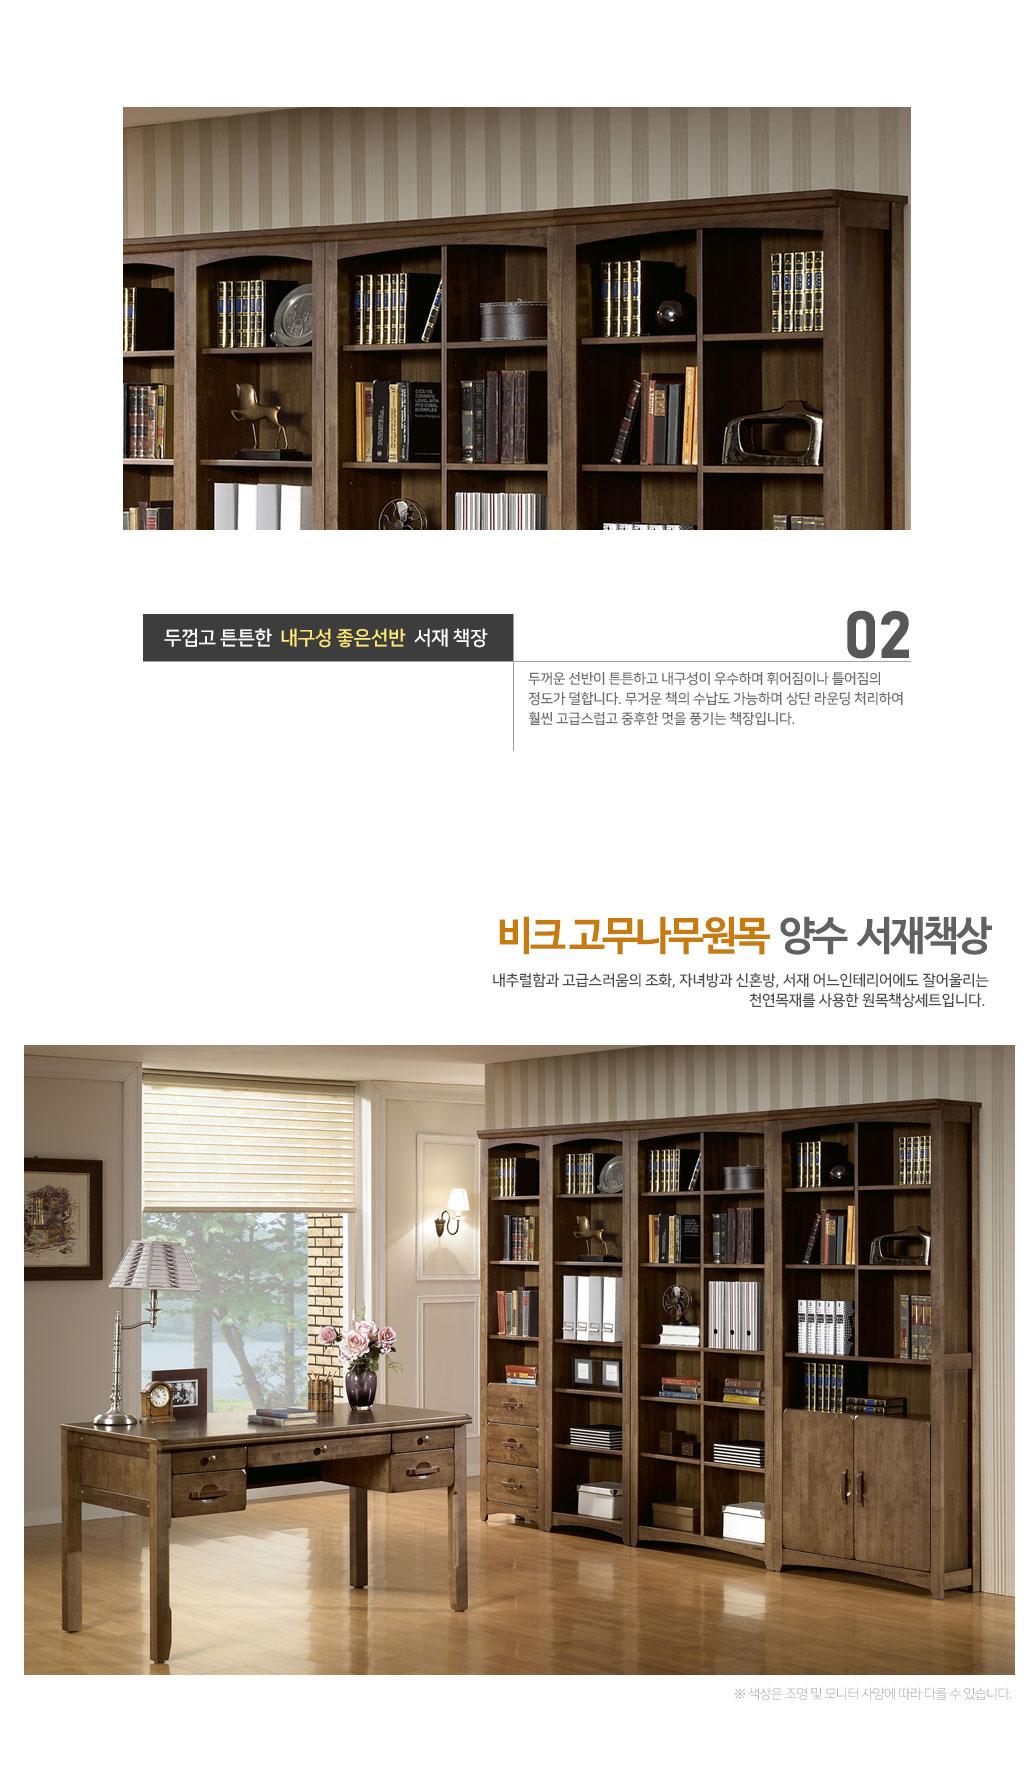 veekbookcase_07.jpg